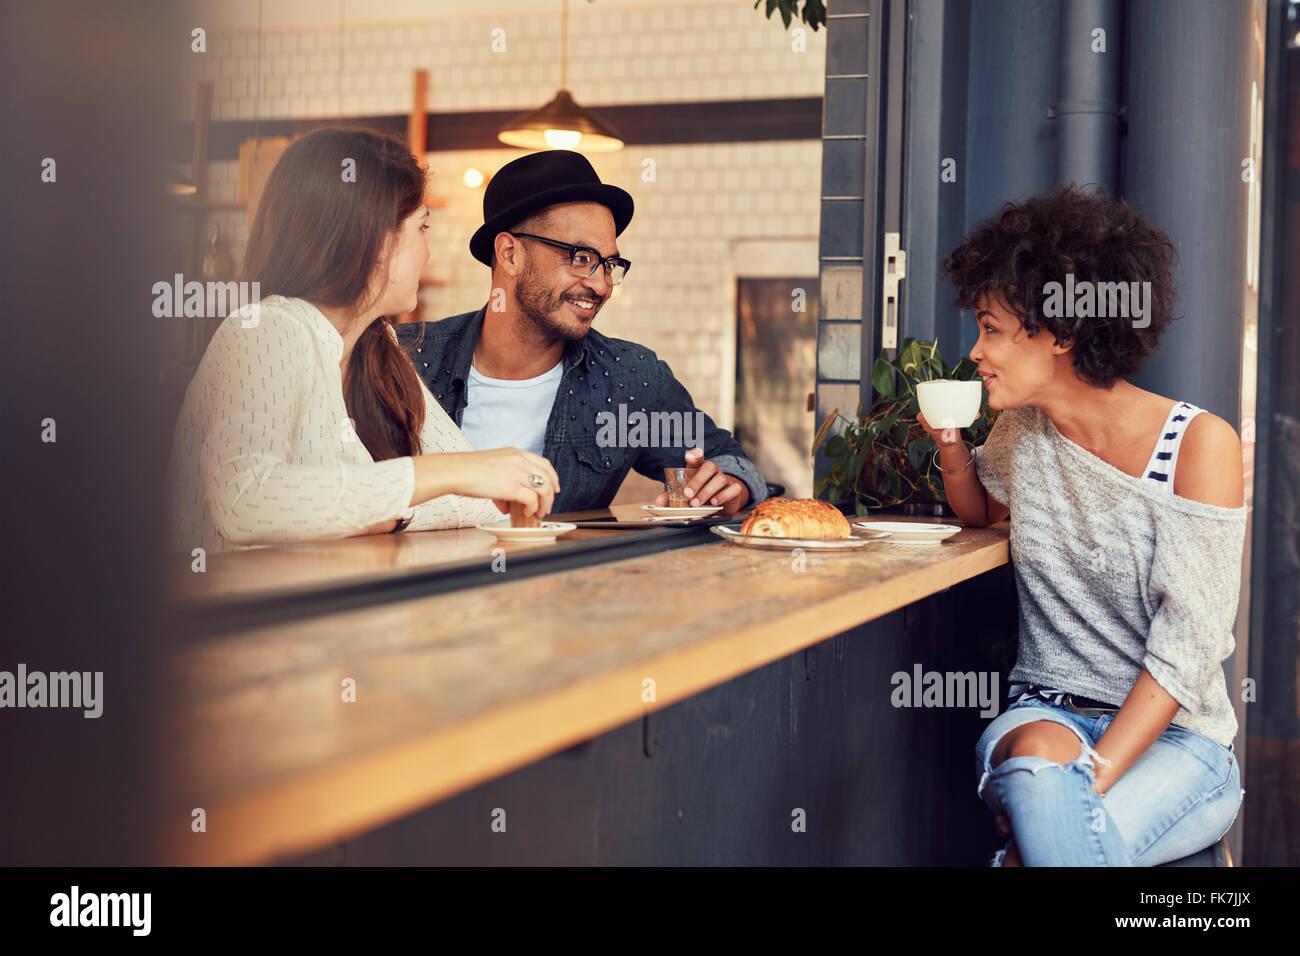 Felice giovani seduti in un caffè e di parlarsi. Un gruppo di giovani amici comunicare e divertirsi in un caffè Immagini Stock